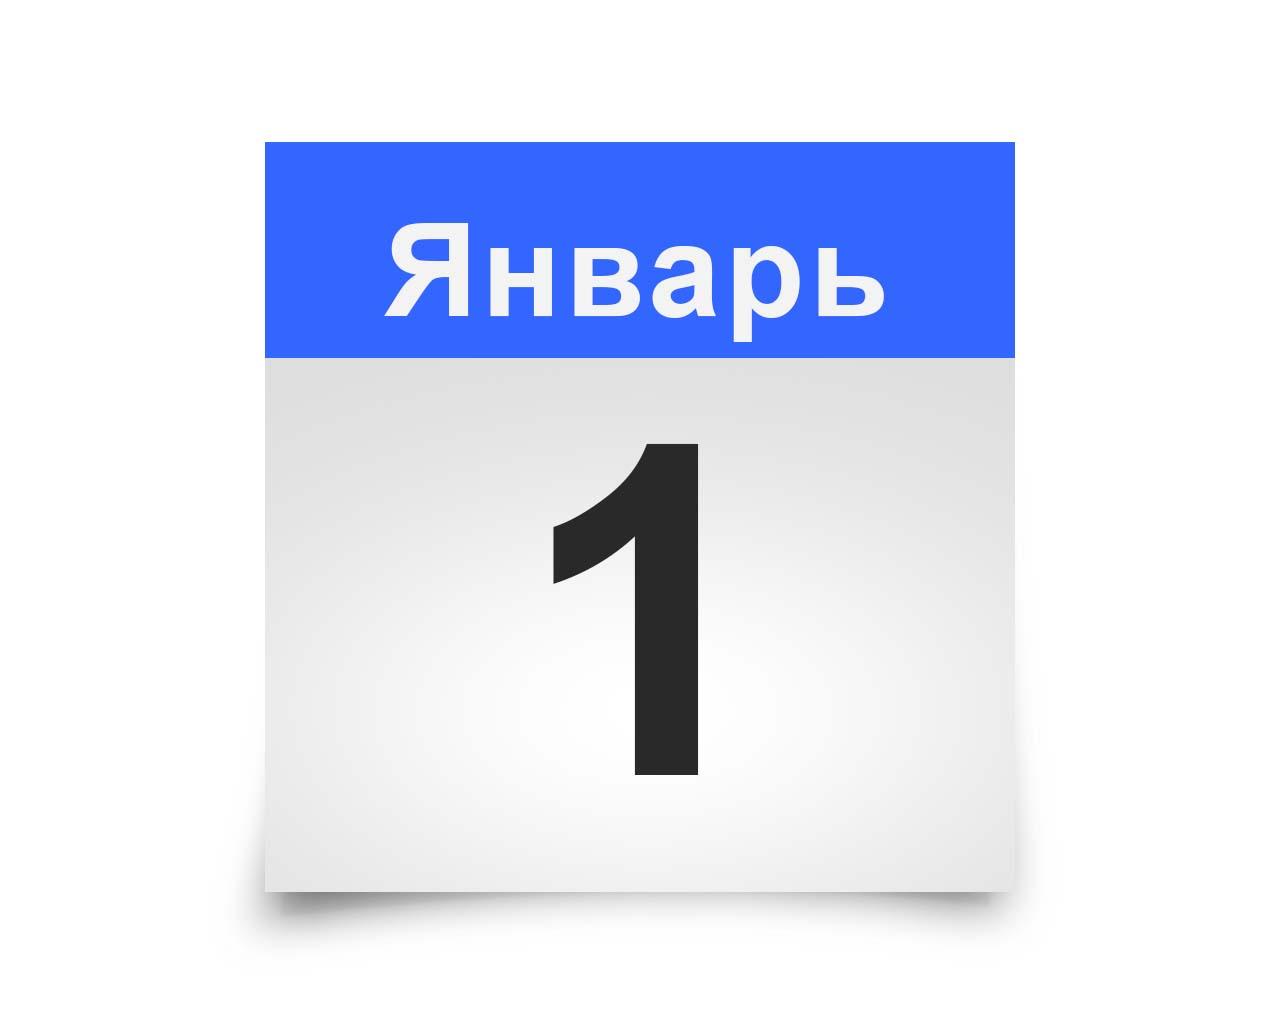 МРОТ повысился с 1 января! Внесите изменения в трудовые договоры и штатное расписание!